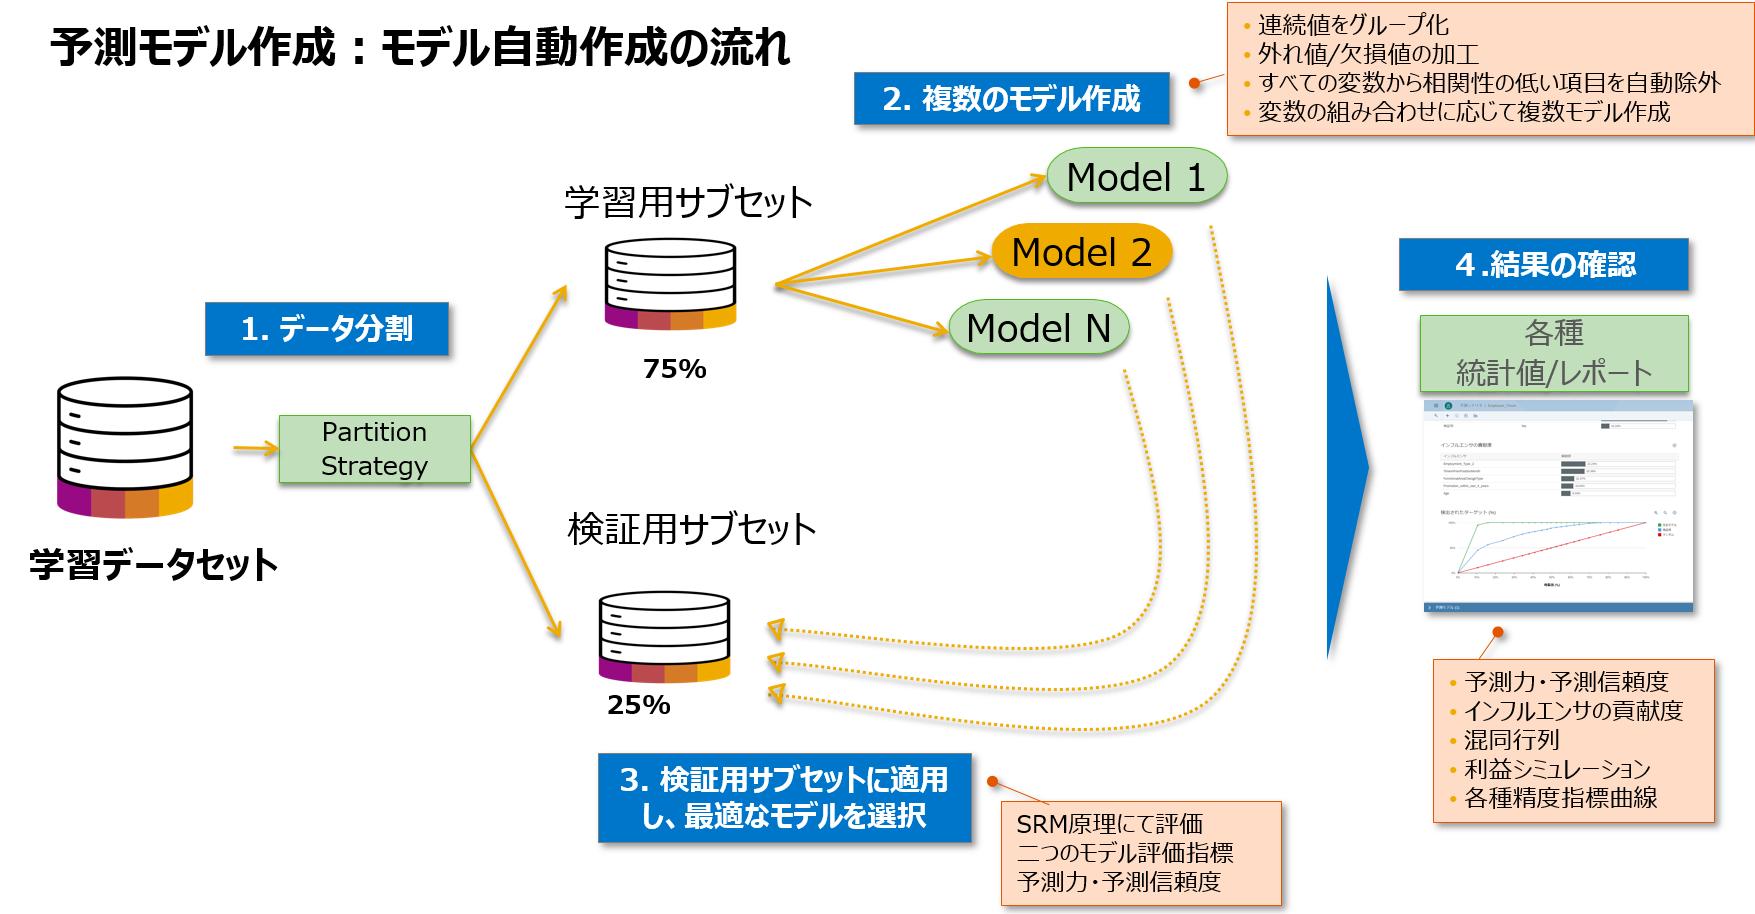 予測モデル作成_自動化フロー